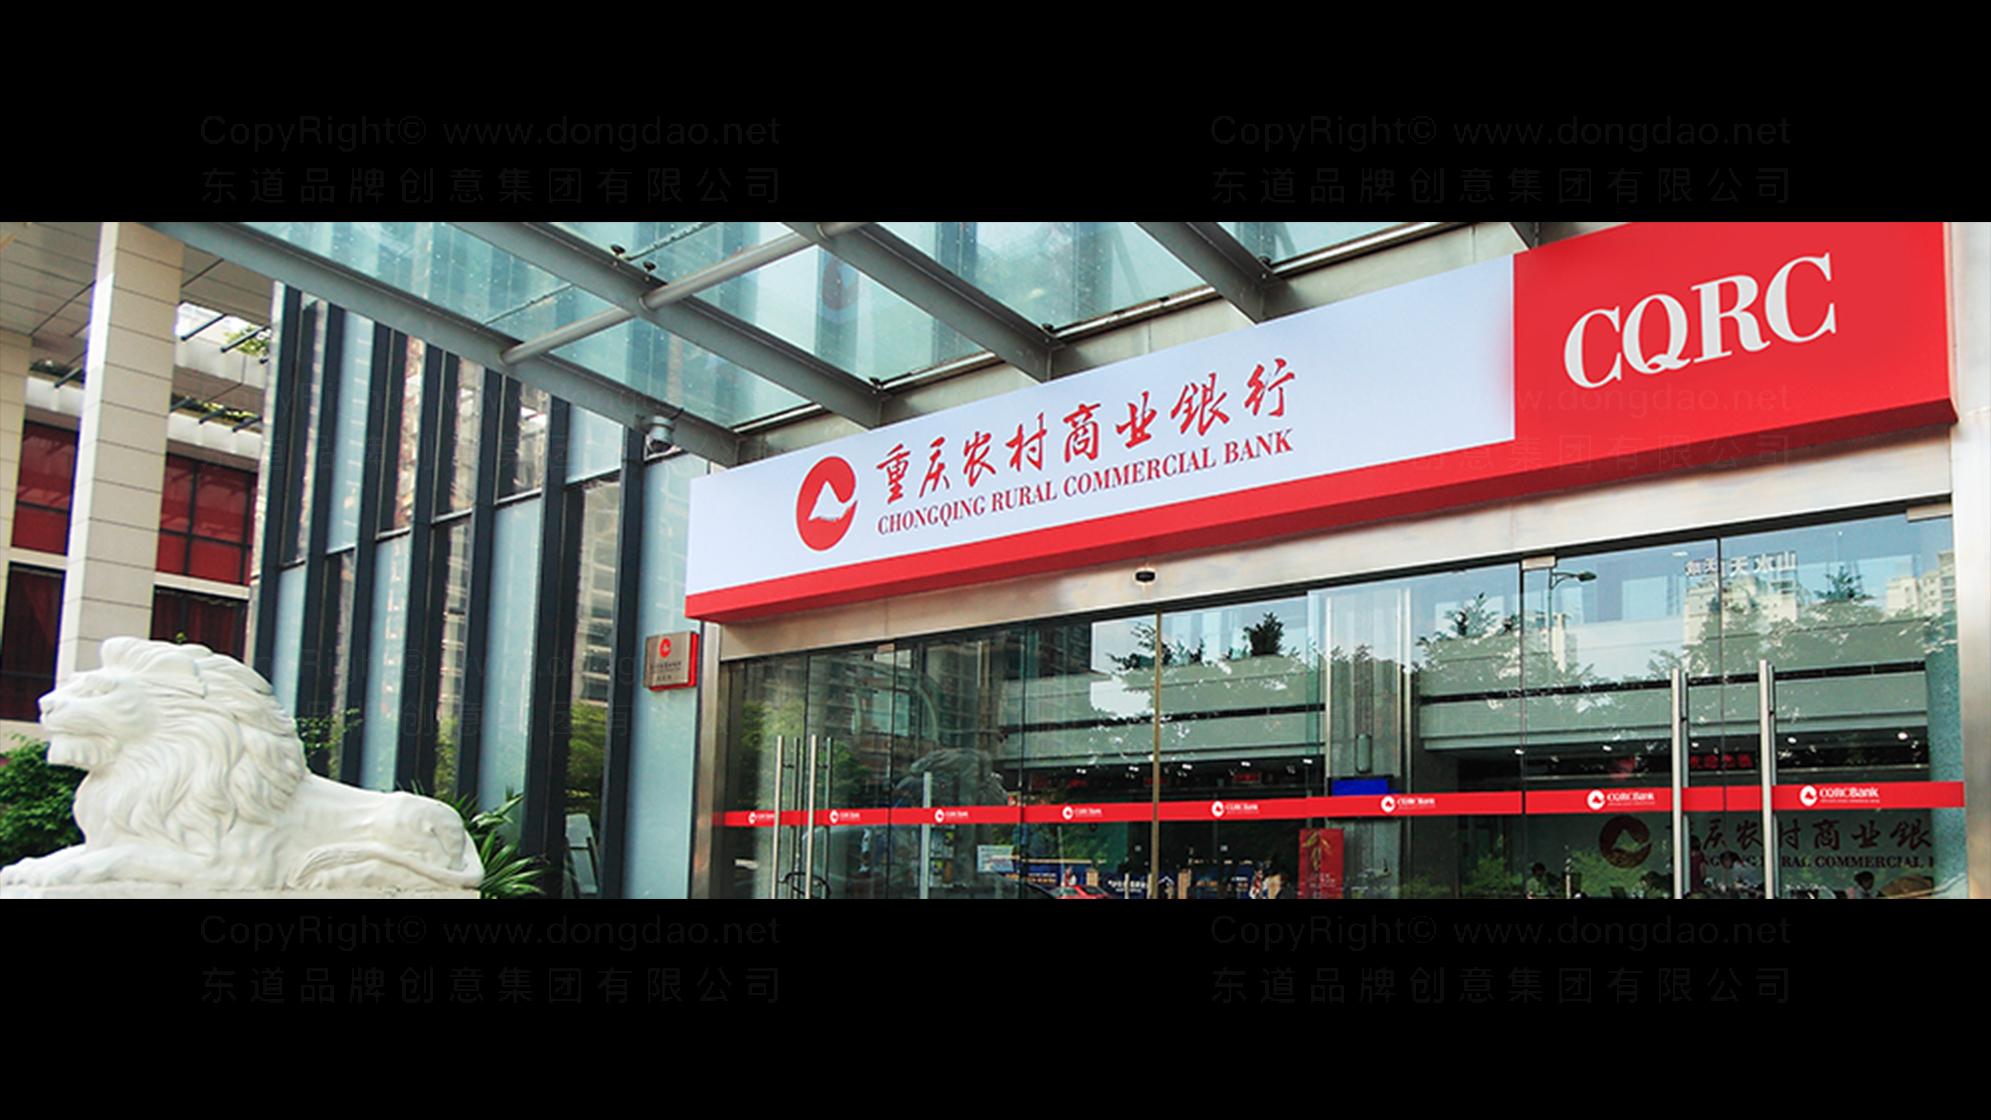 品牌设计重庆农村商业银行LOGO&VI设计应用场景_9